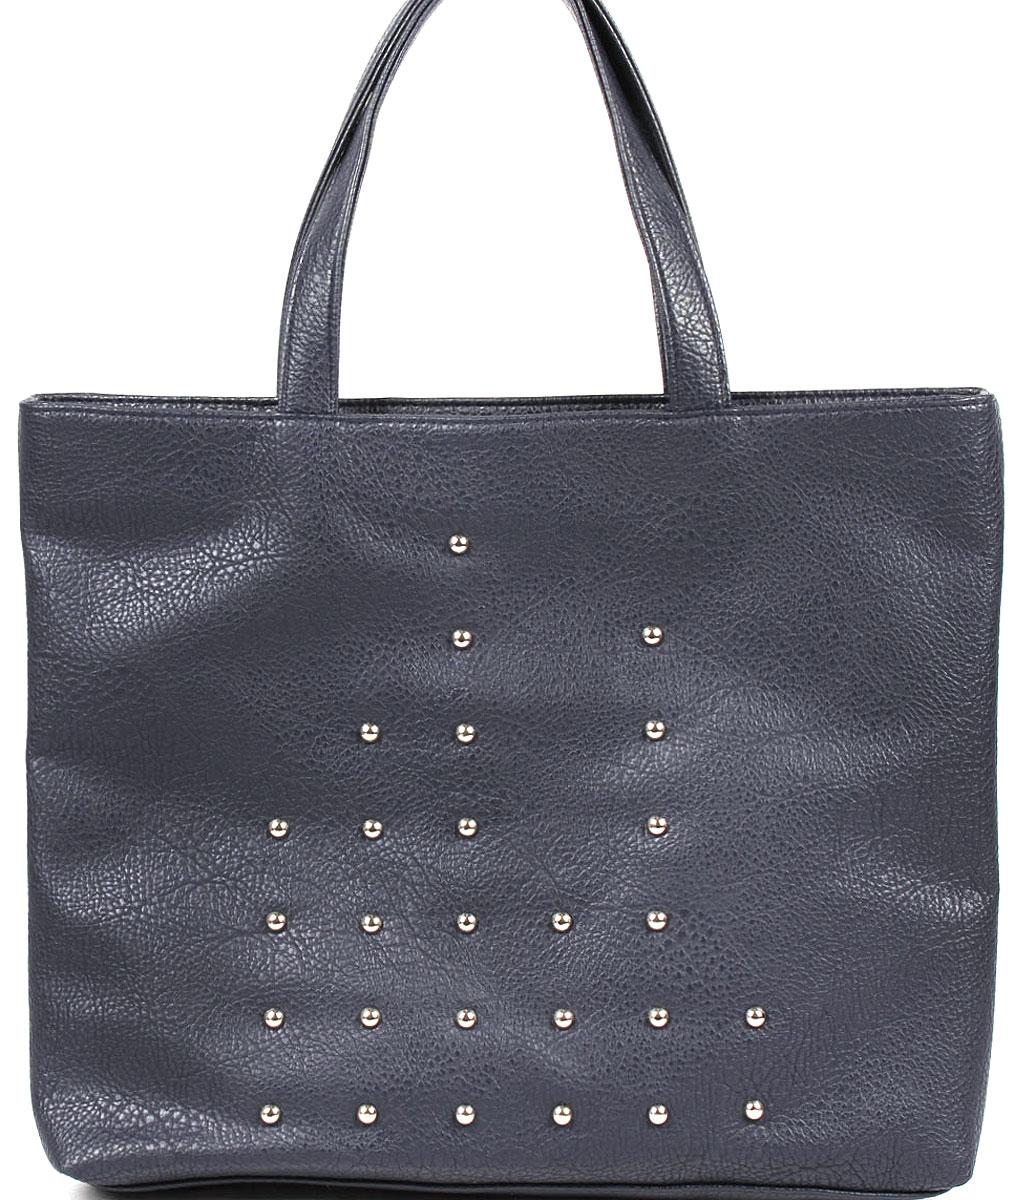 Сумка-шоппер женская Медведково, цвет: темно-синий. 16с3492-к14 рюкзак 140 литров